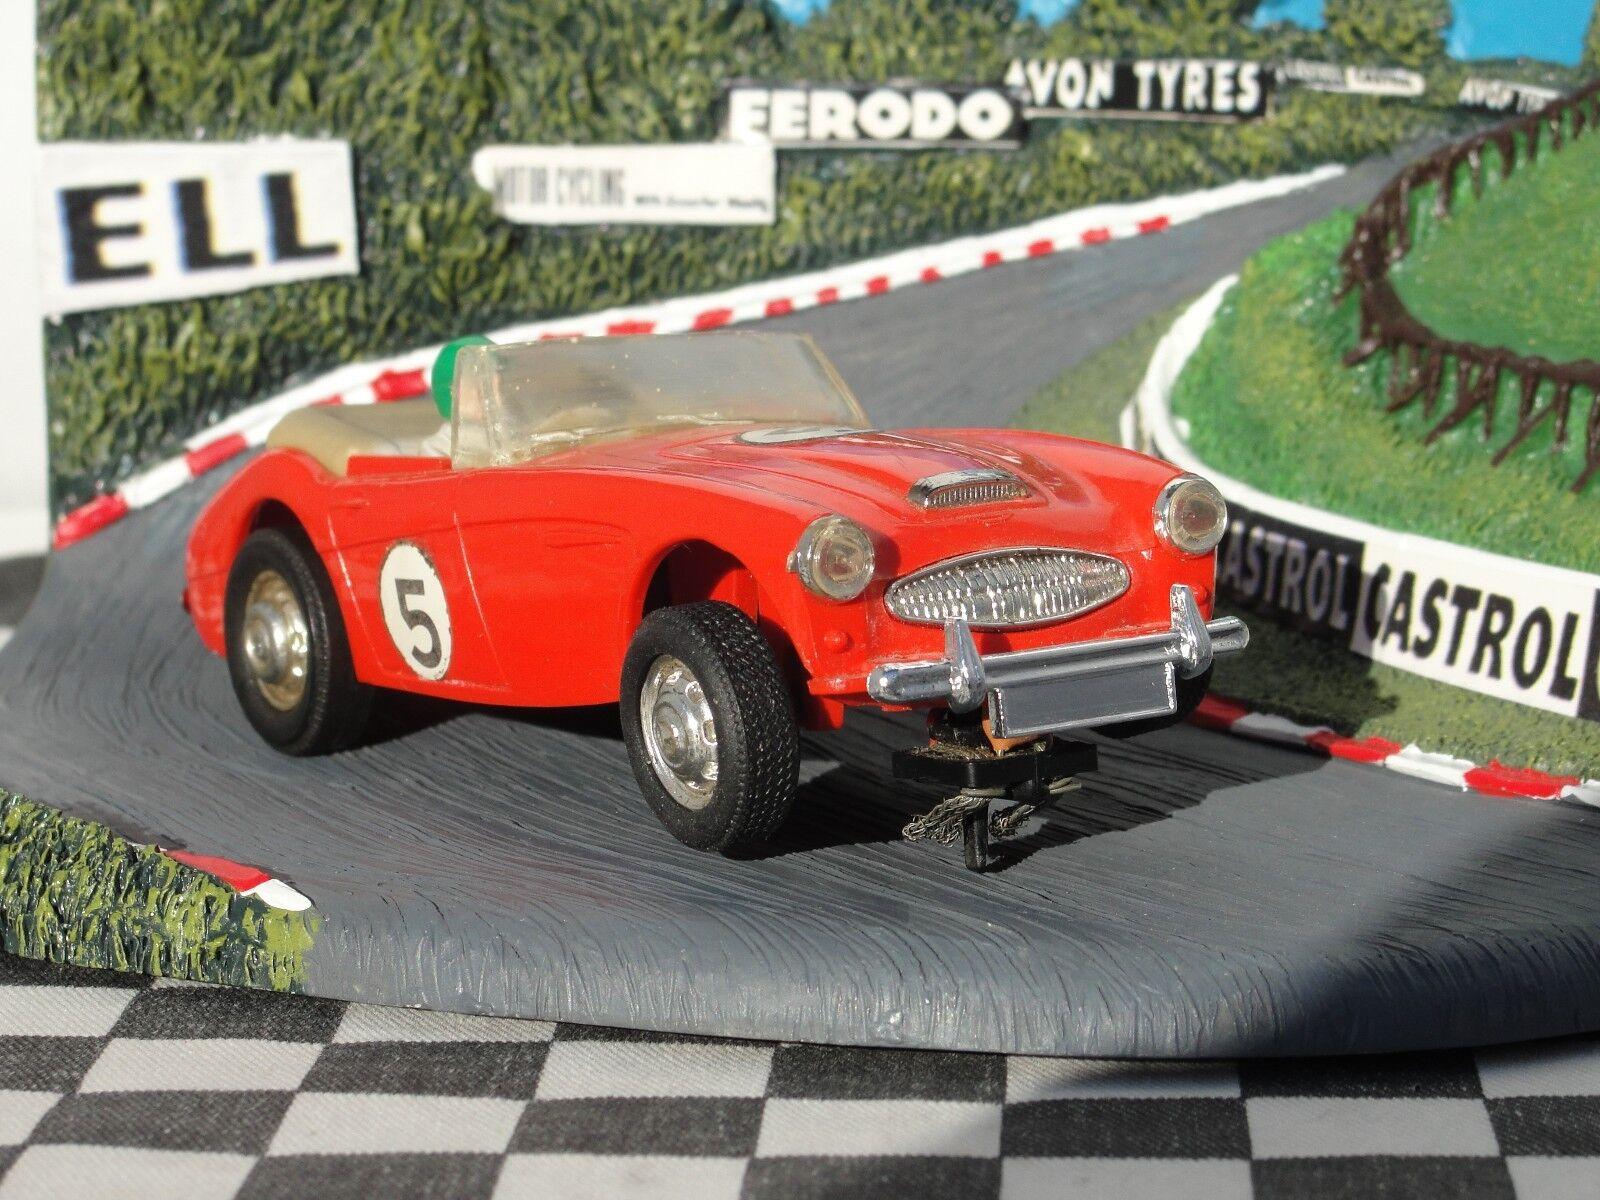 SCALEXTRIC années 1960 Austin Healey 3000 Rouge  5 1 32 Slot utilisé carton